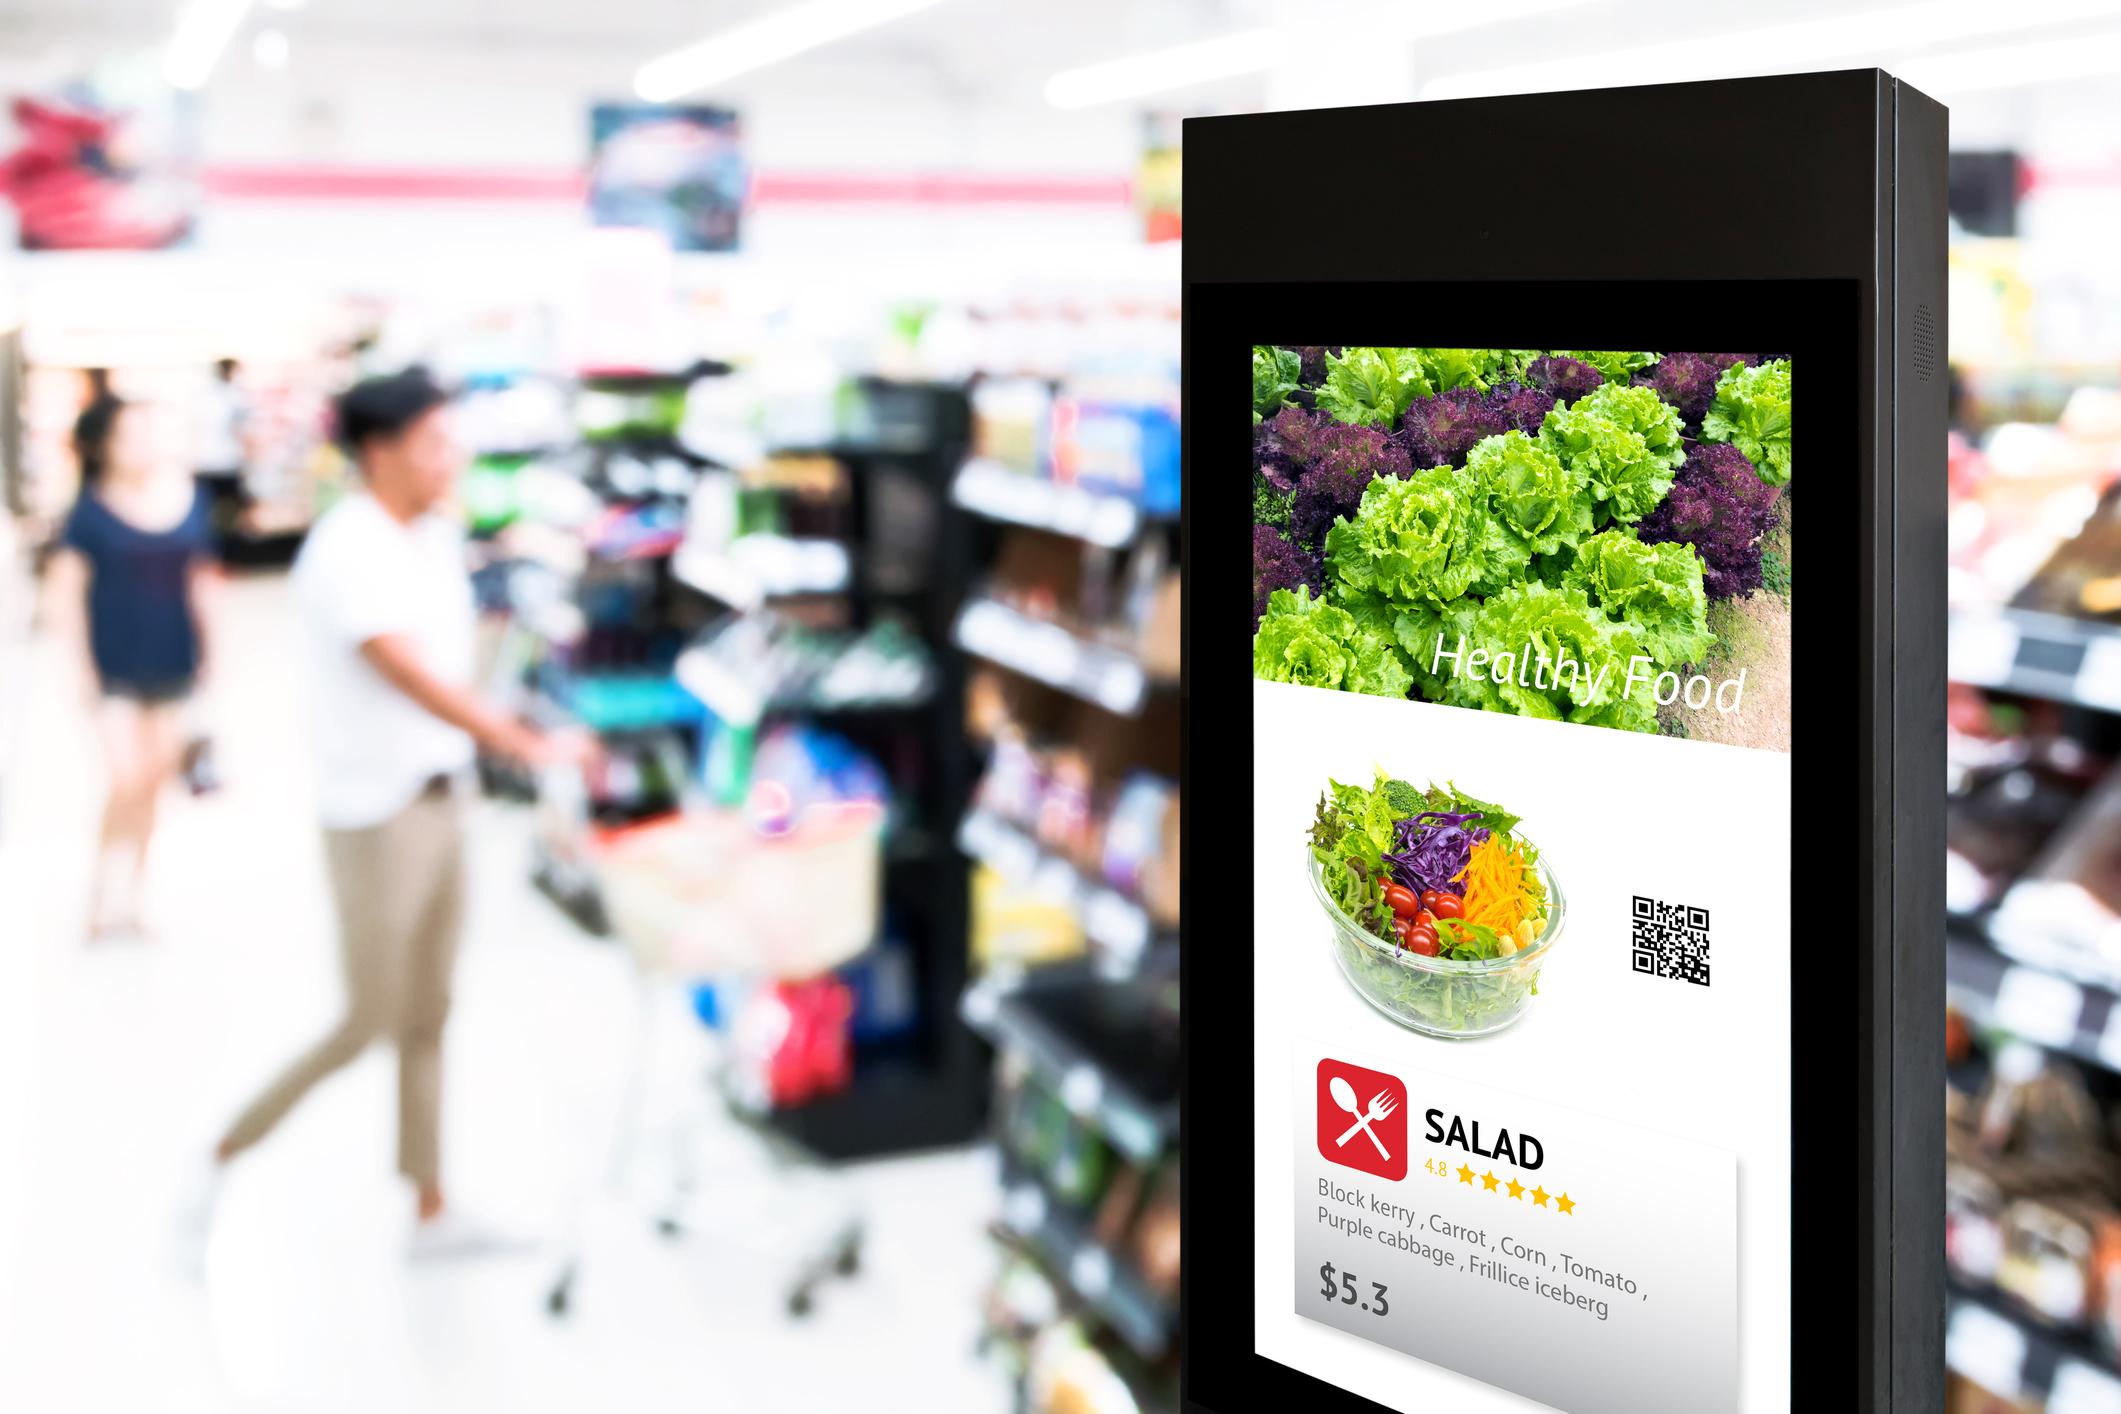 A smart display at a retailer.